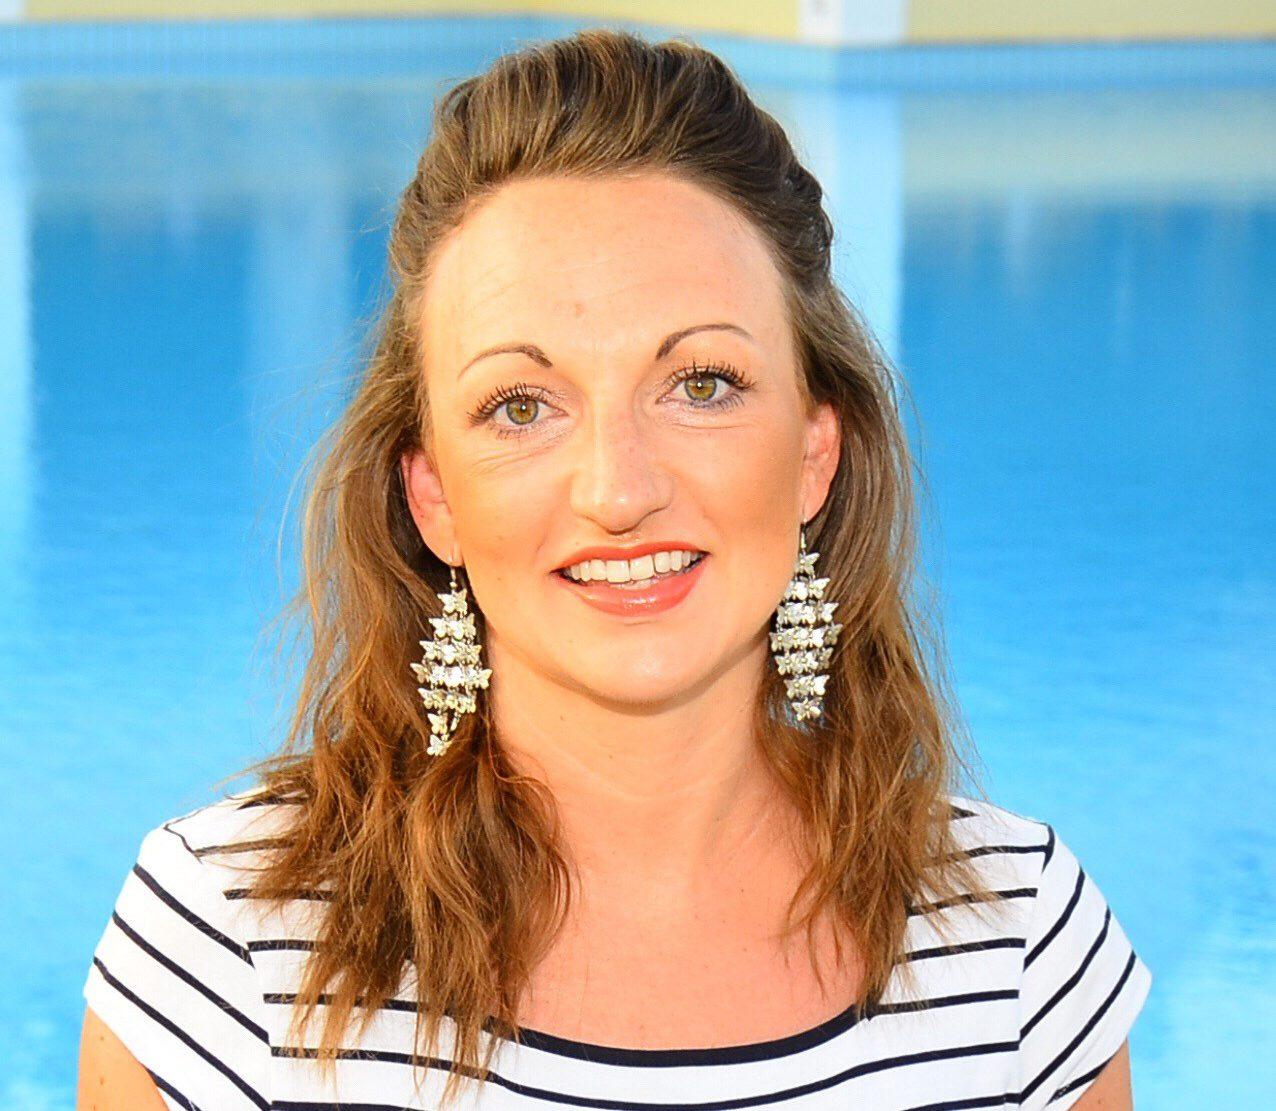 Sarah Ashford headshot